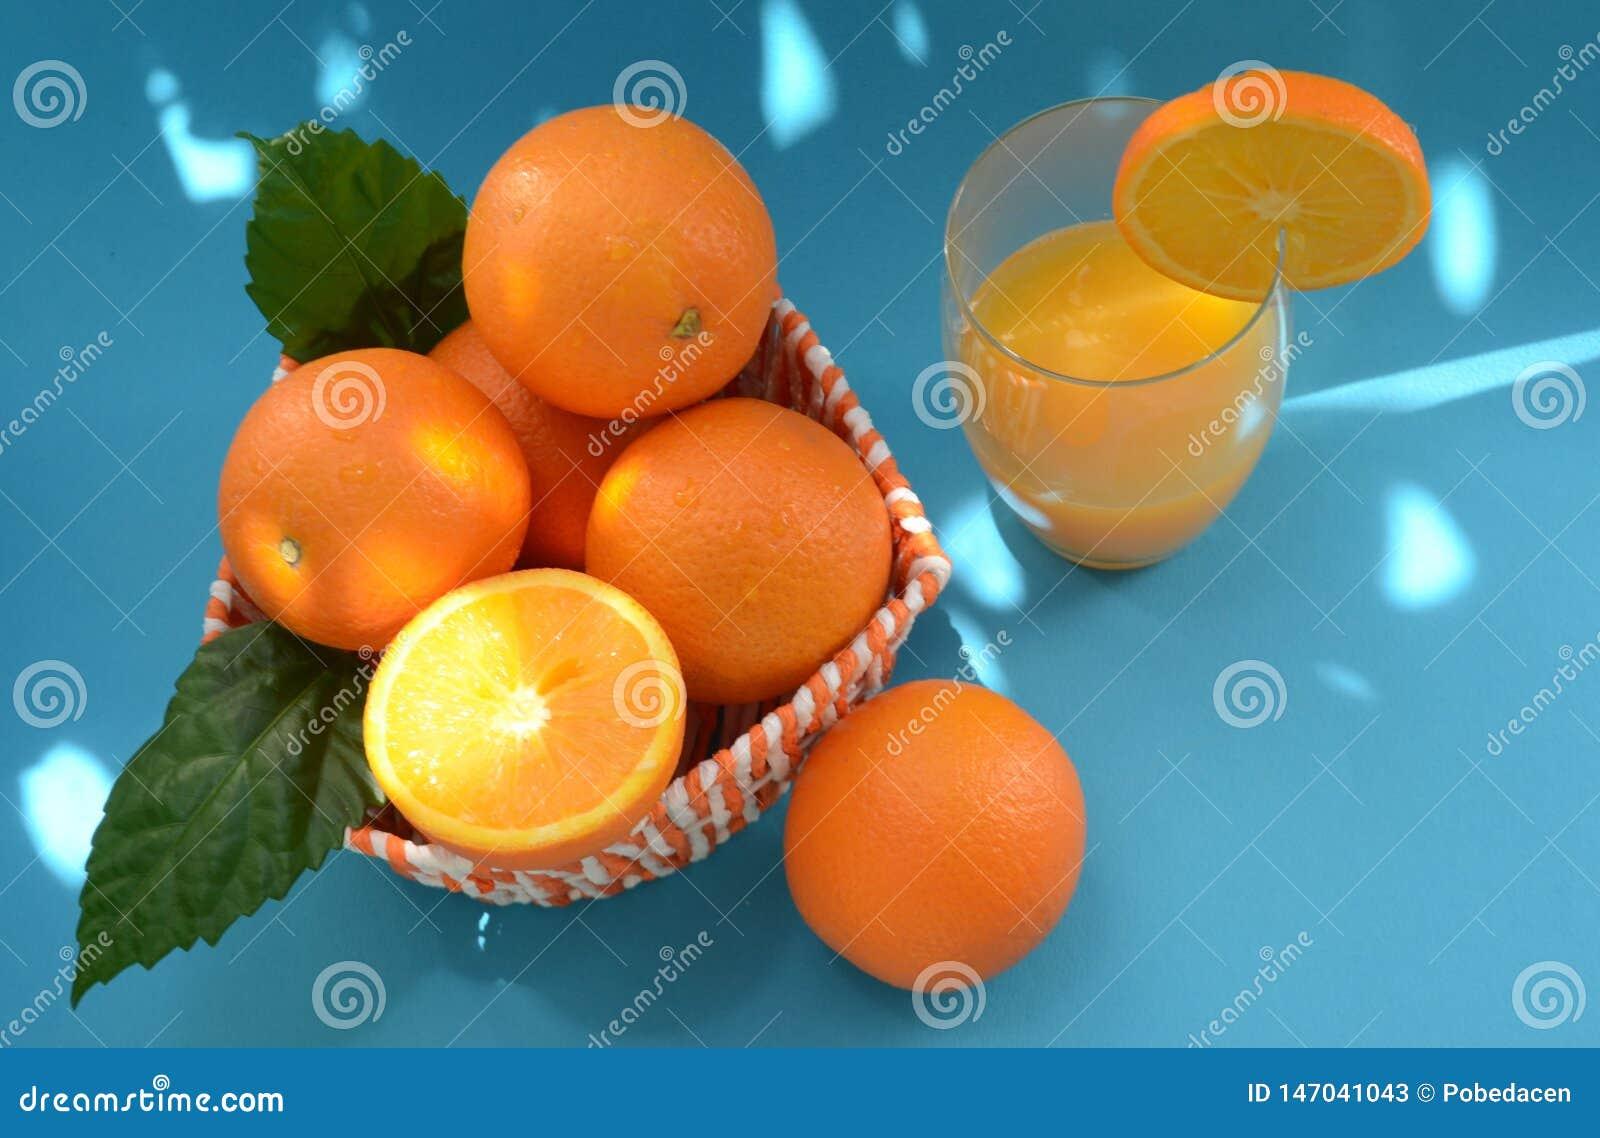 Sinaasappelen en vers gedrukt jus d orange op een blauwe achtergrond met heldere zonhoogtepunten